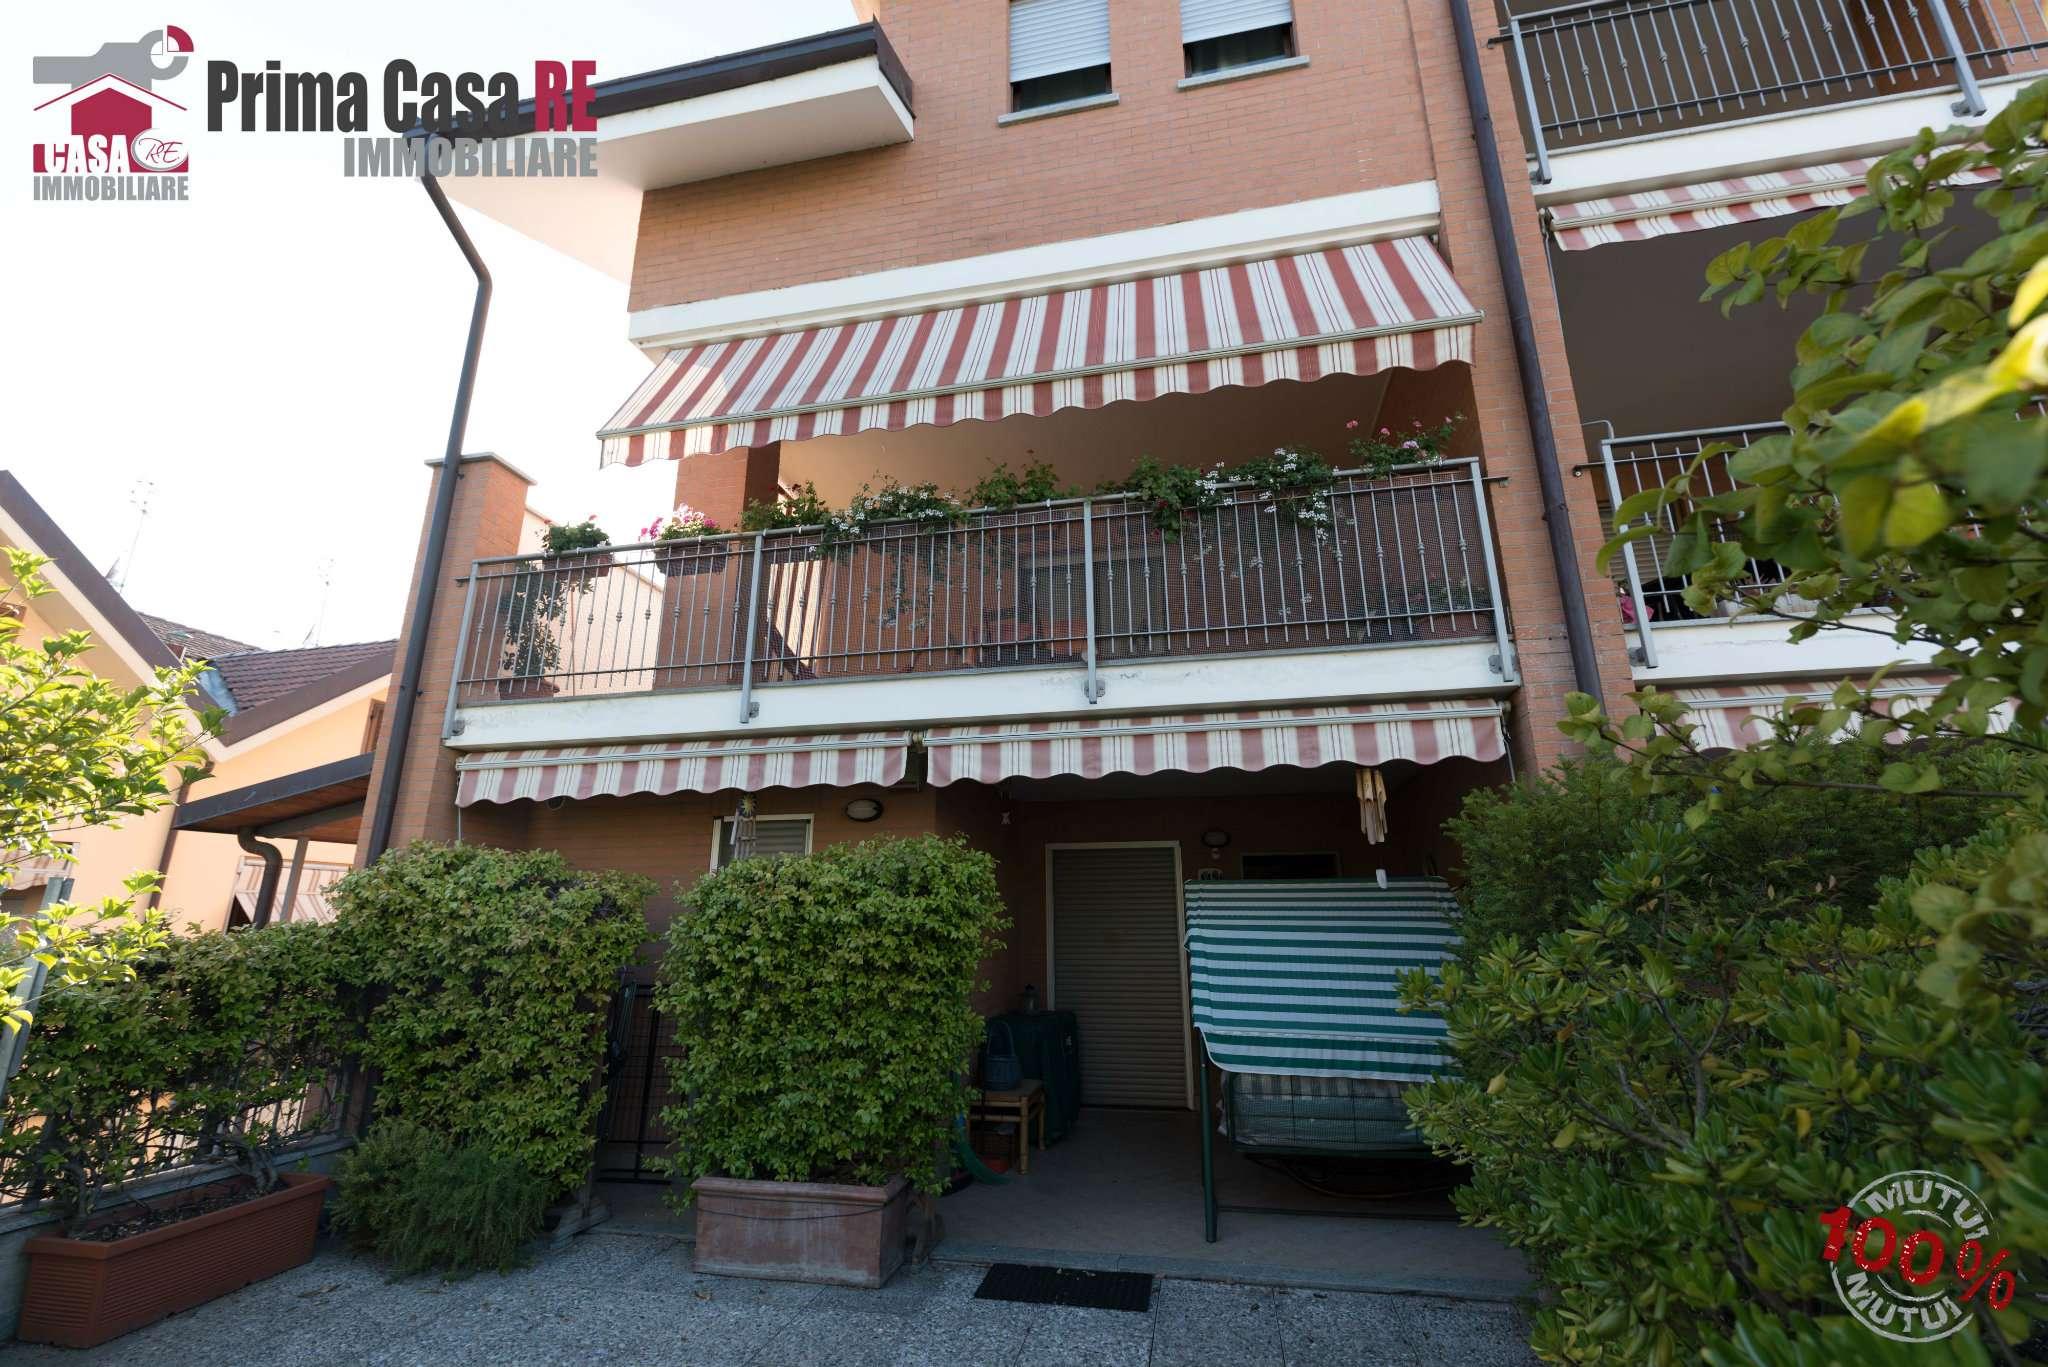 Appartamento in vendita a San Mauro Torinese, 4 locali, prezzo € 259.000 | CambioCasa.it